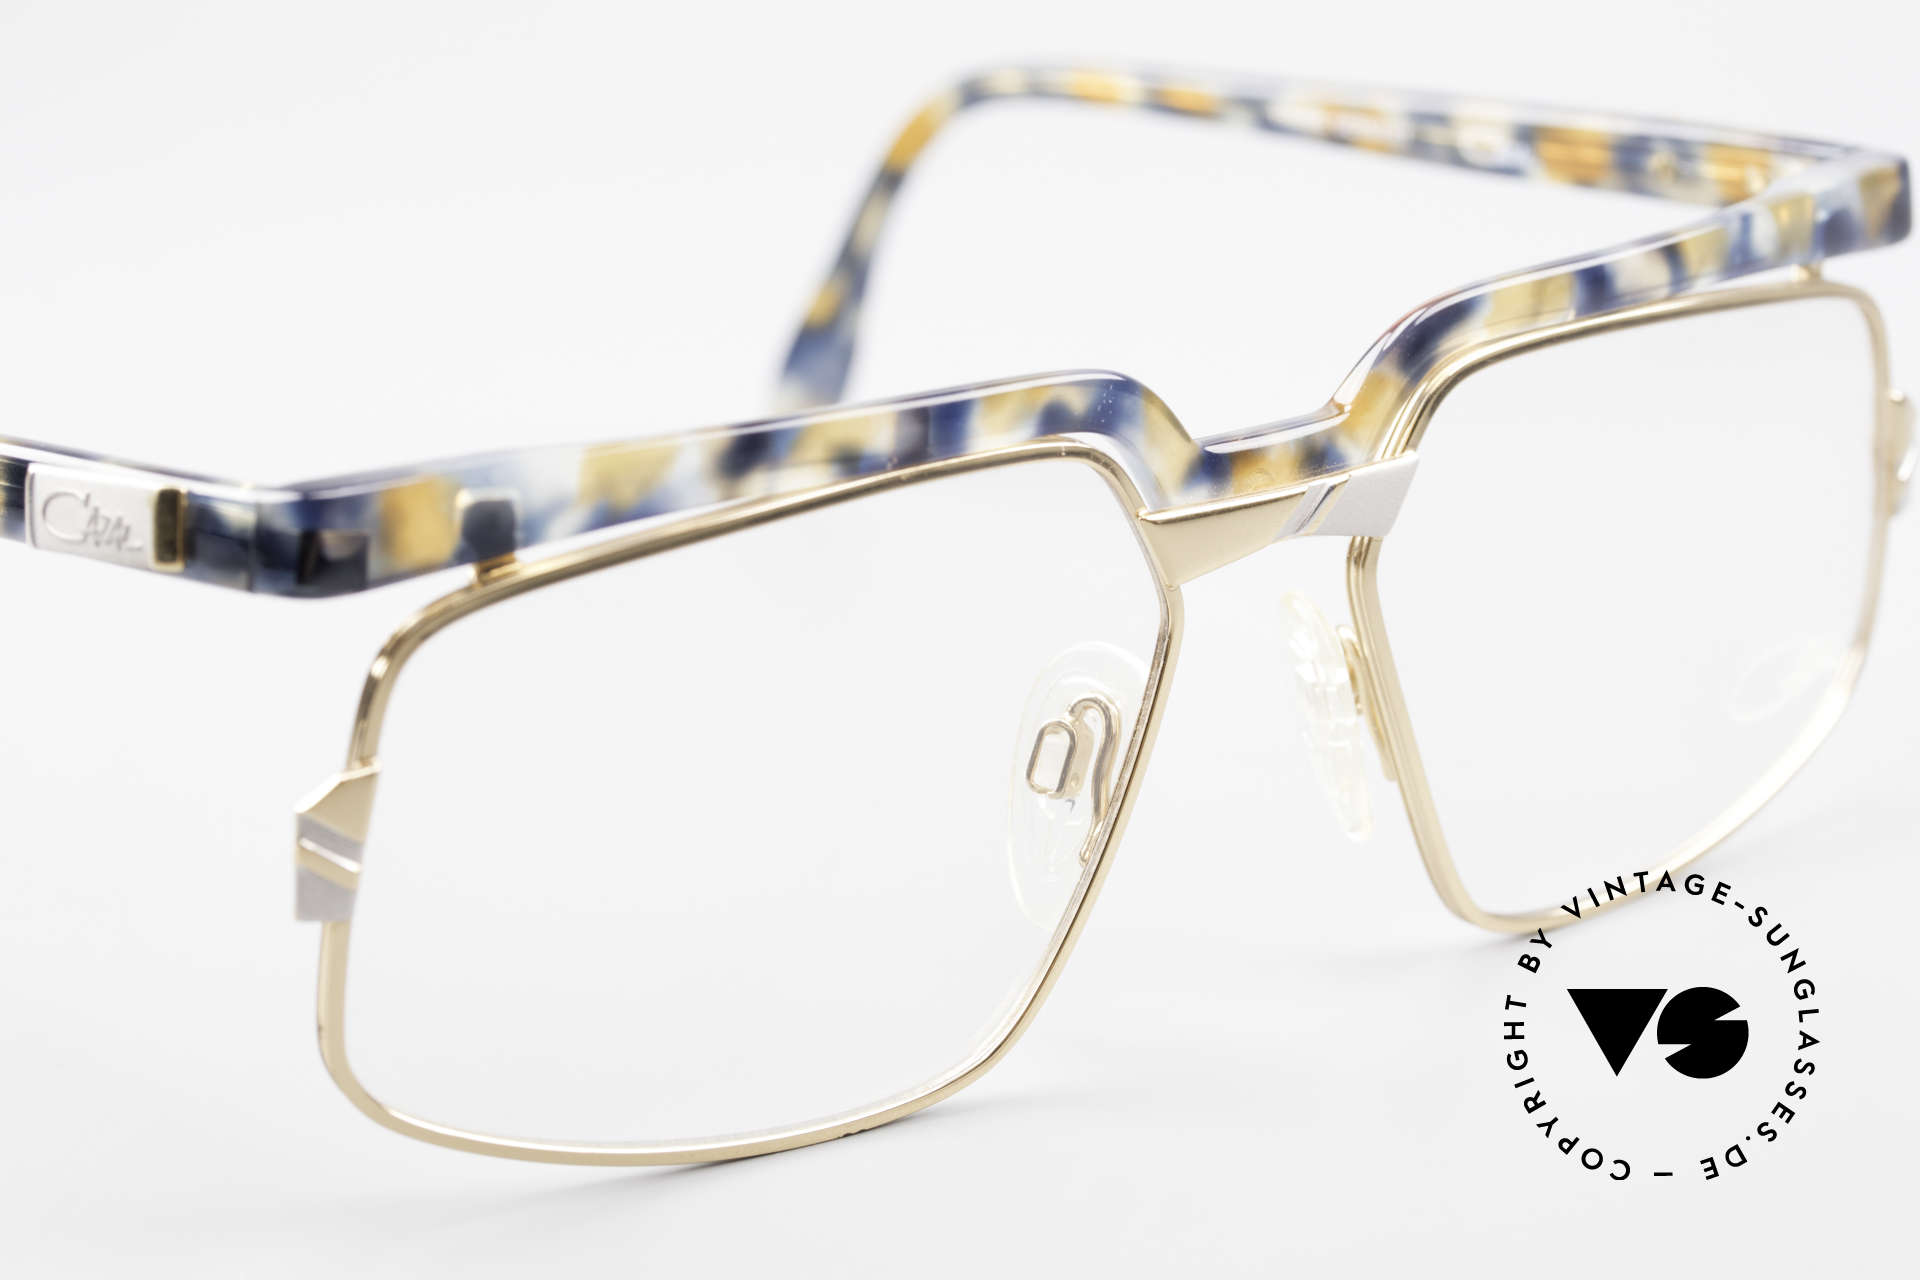 Cazal 246 Außergewöhnliche 90er Cazal, KEINE Retrobrille; ein mind. 25 Jahre altes Original!, Passend für Herren und Damen